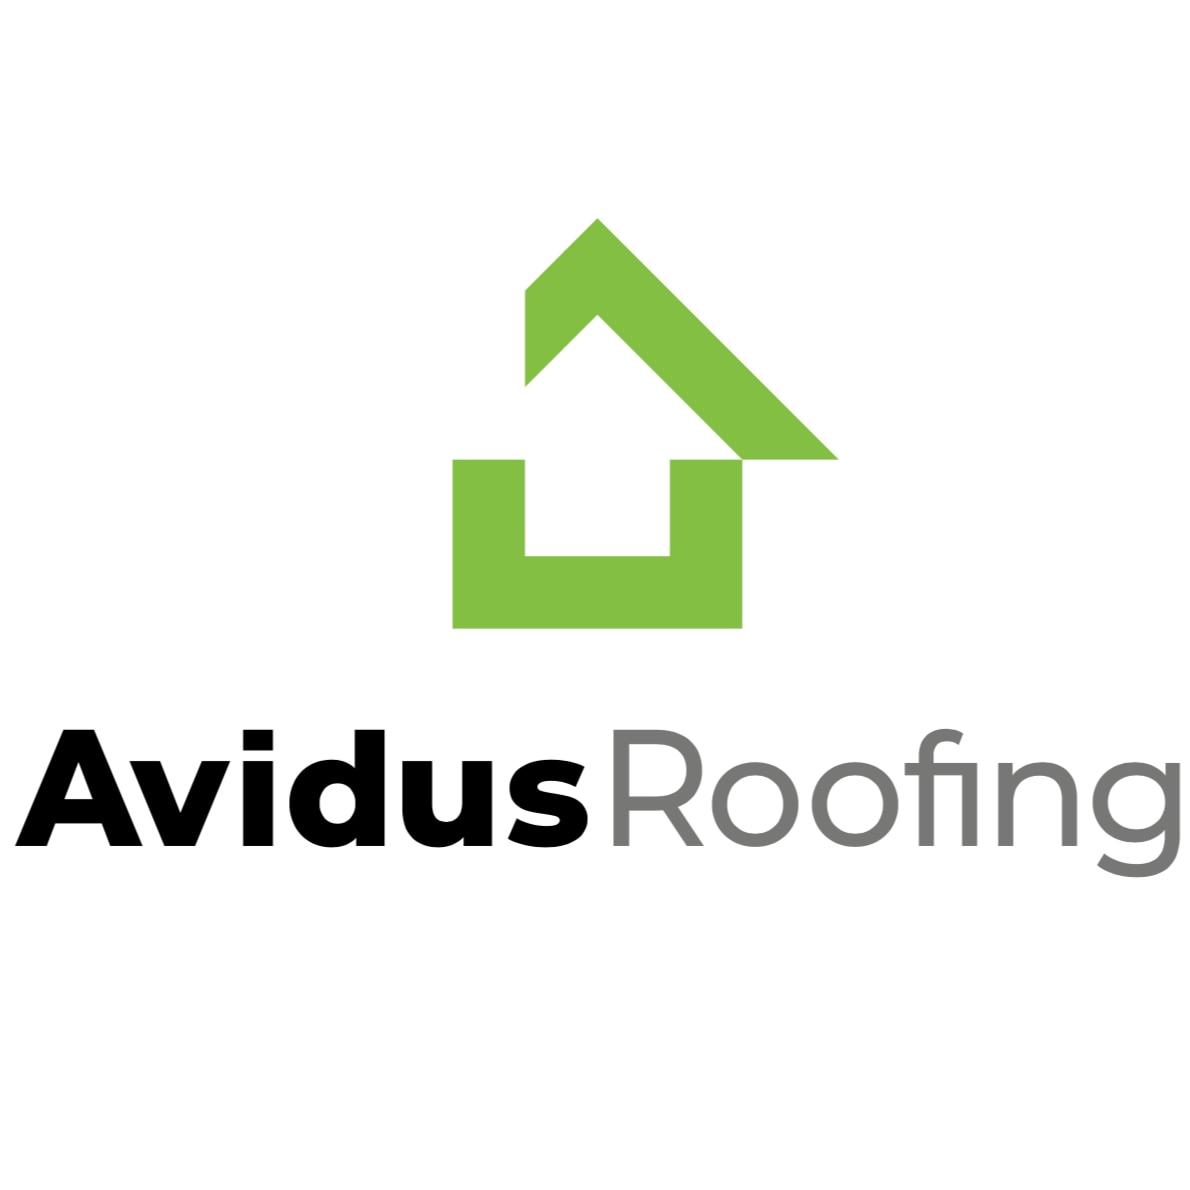 Avidus Roofing logo